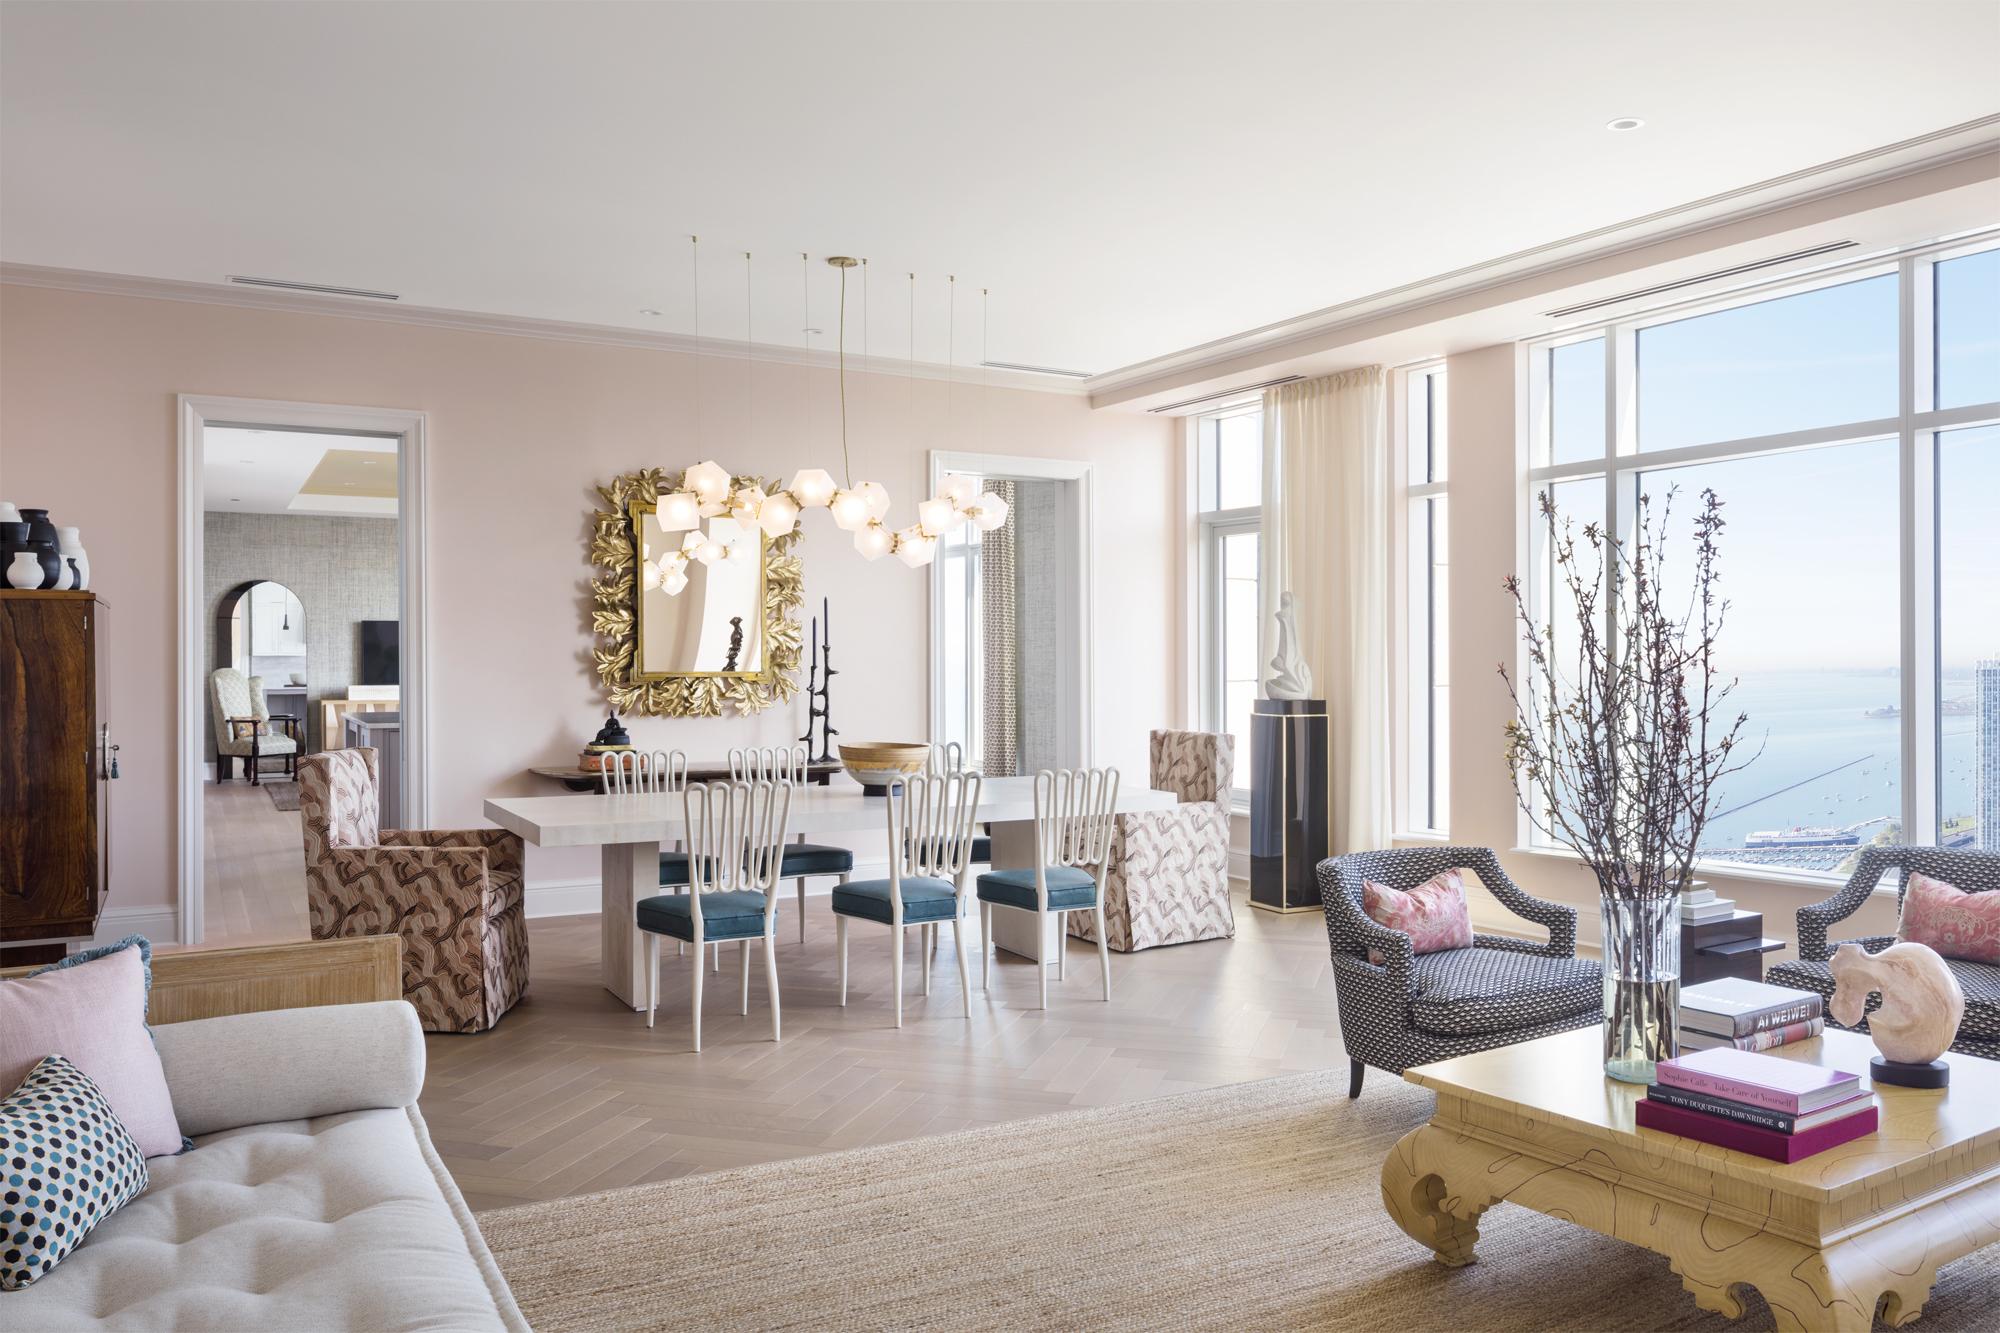 2_One-Bennett-Park-Condominium-5106-Dining-Room.jpg